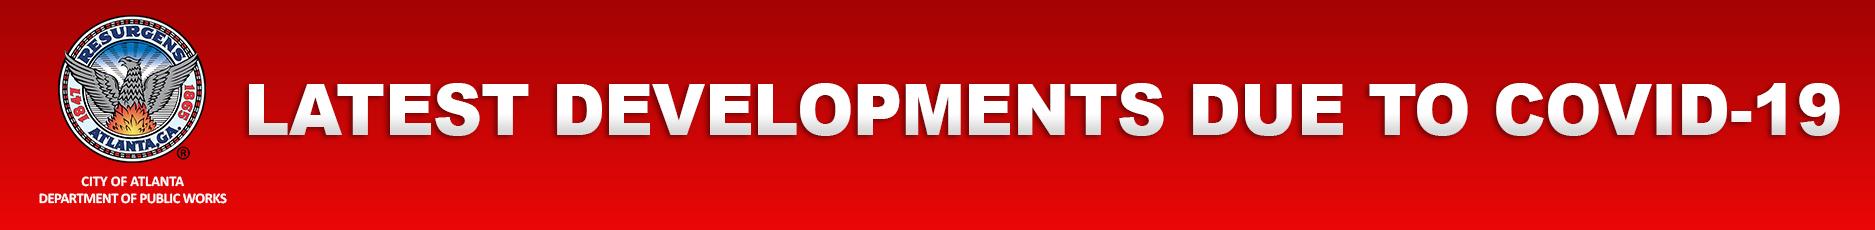 COA DPW Breaking News Web Banner_Updated3